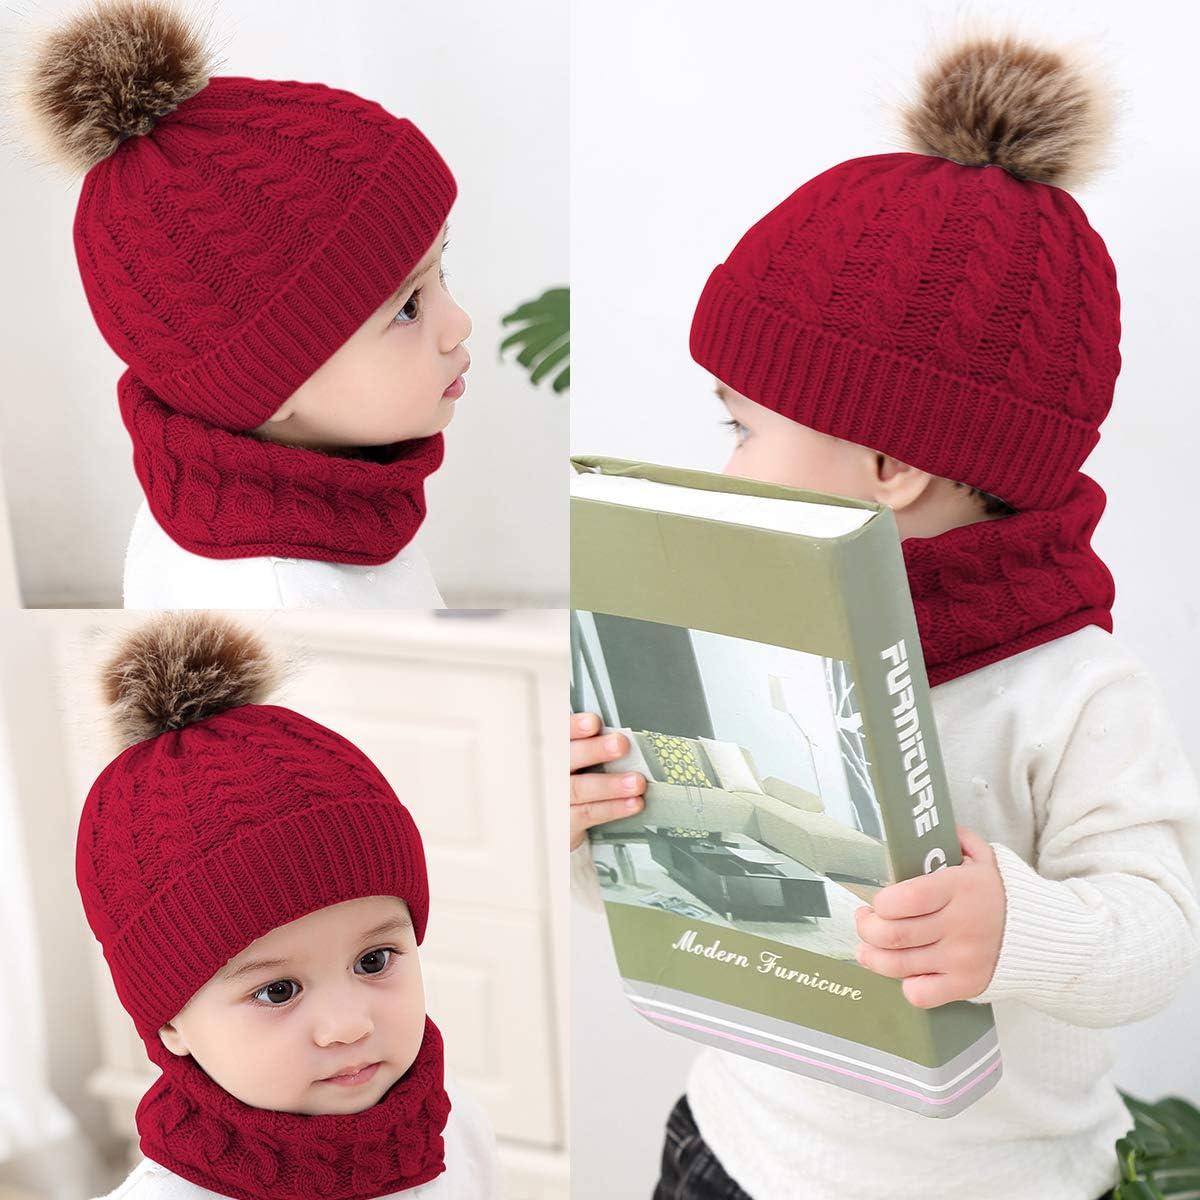 Xingyue Direct Neugeborenes Baby Häkeln Strickmütze Halstuch Kleinkind Kinder Junge Mädchen Kleinkind Winter Warme Gemütliche Mütze Schal Auto